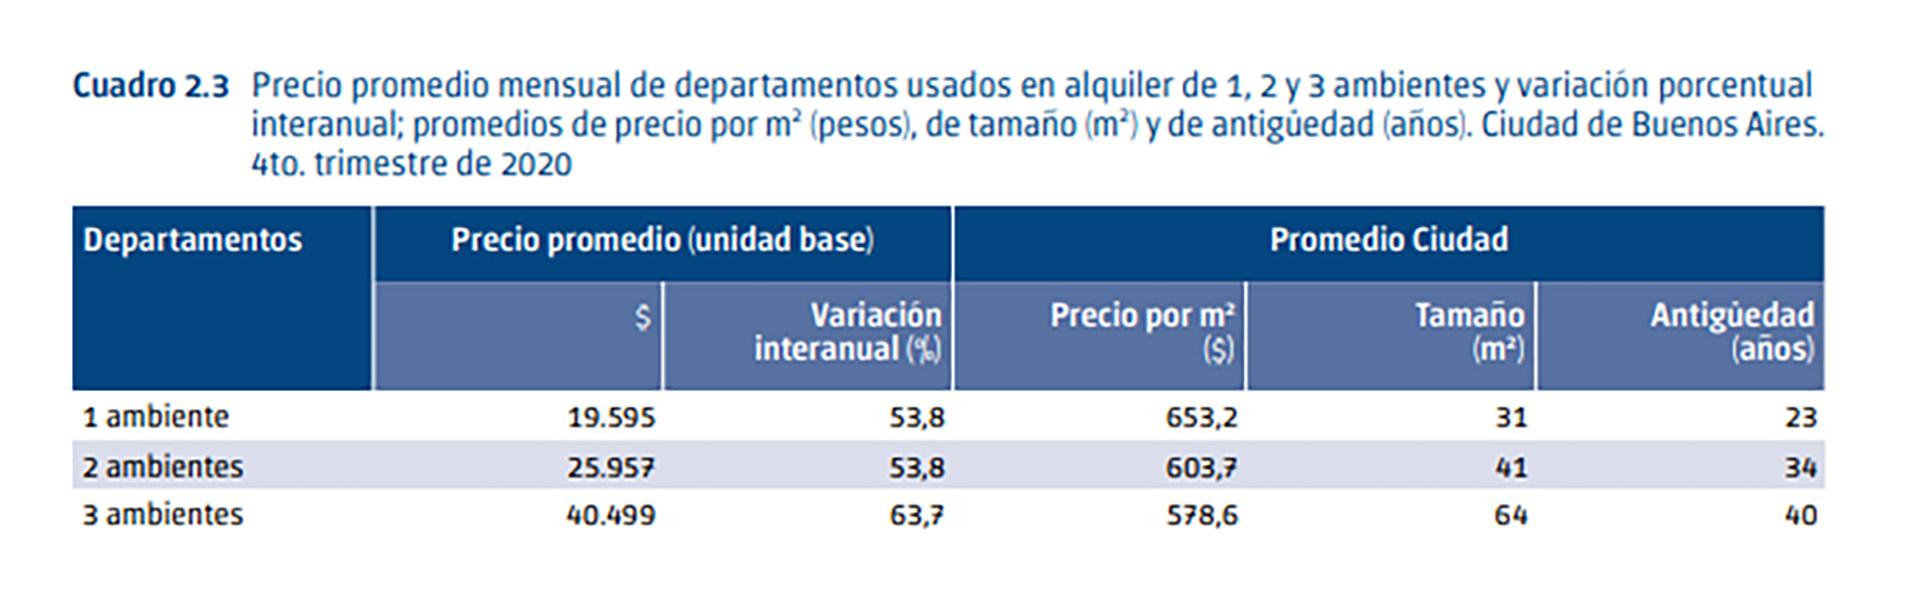 Fuente: Dirección General de Estadística y Censos (DGEyC)